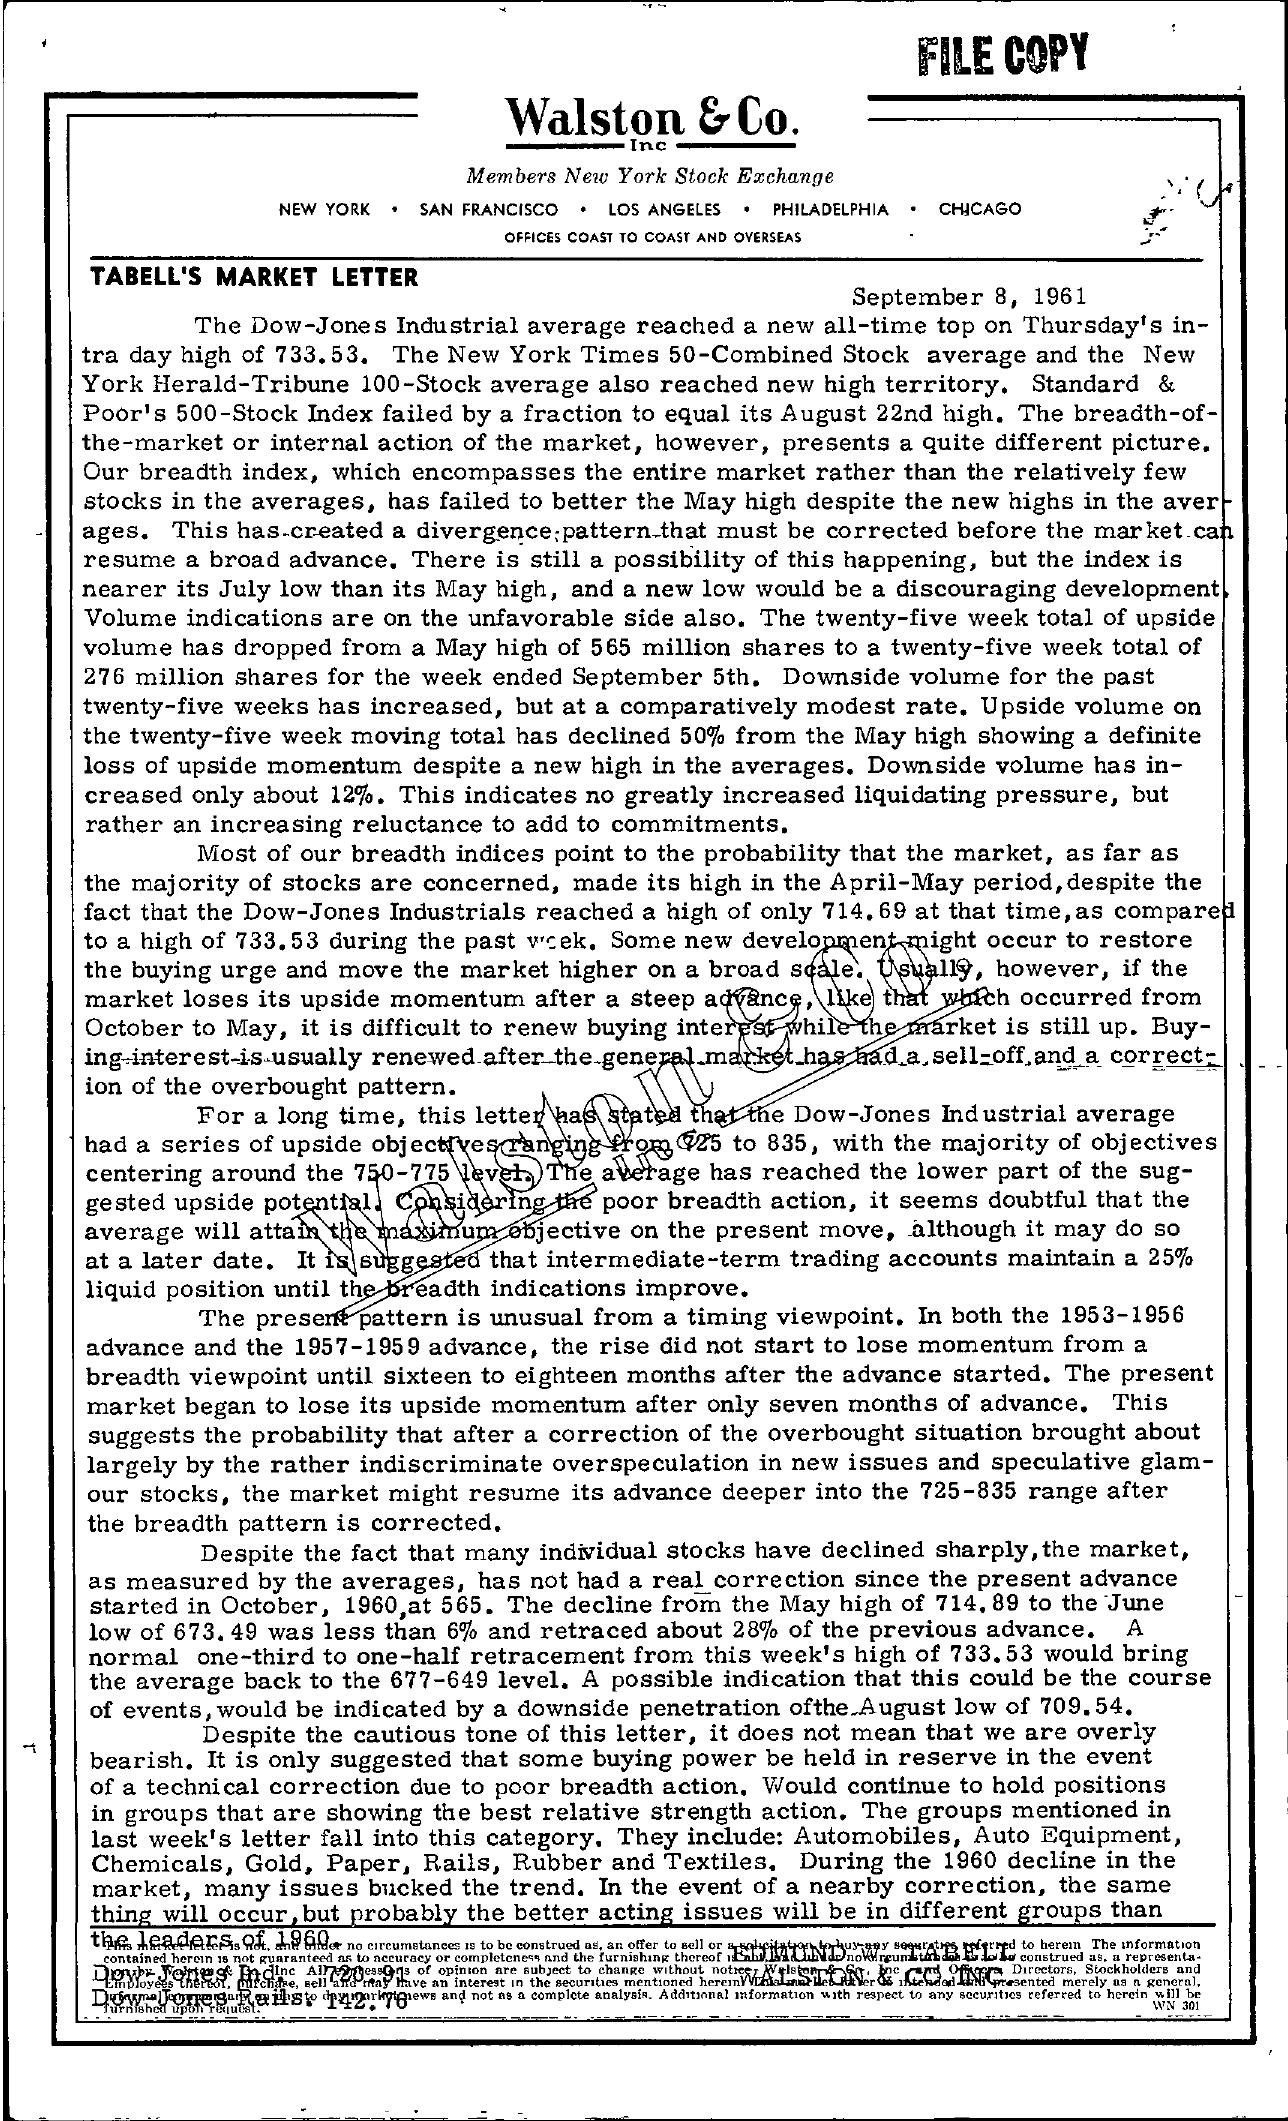 Tabell's Market Letter - September 08, 1961